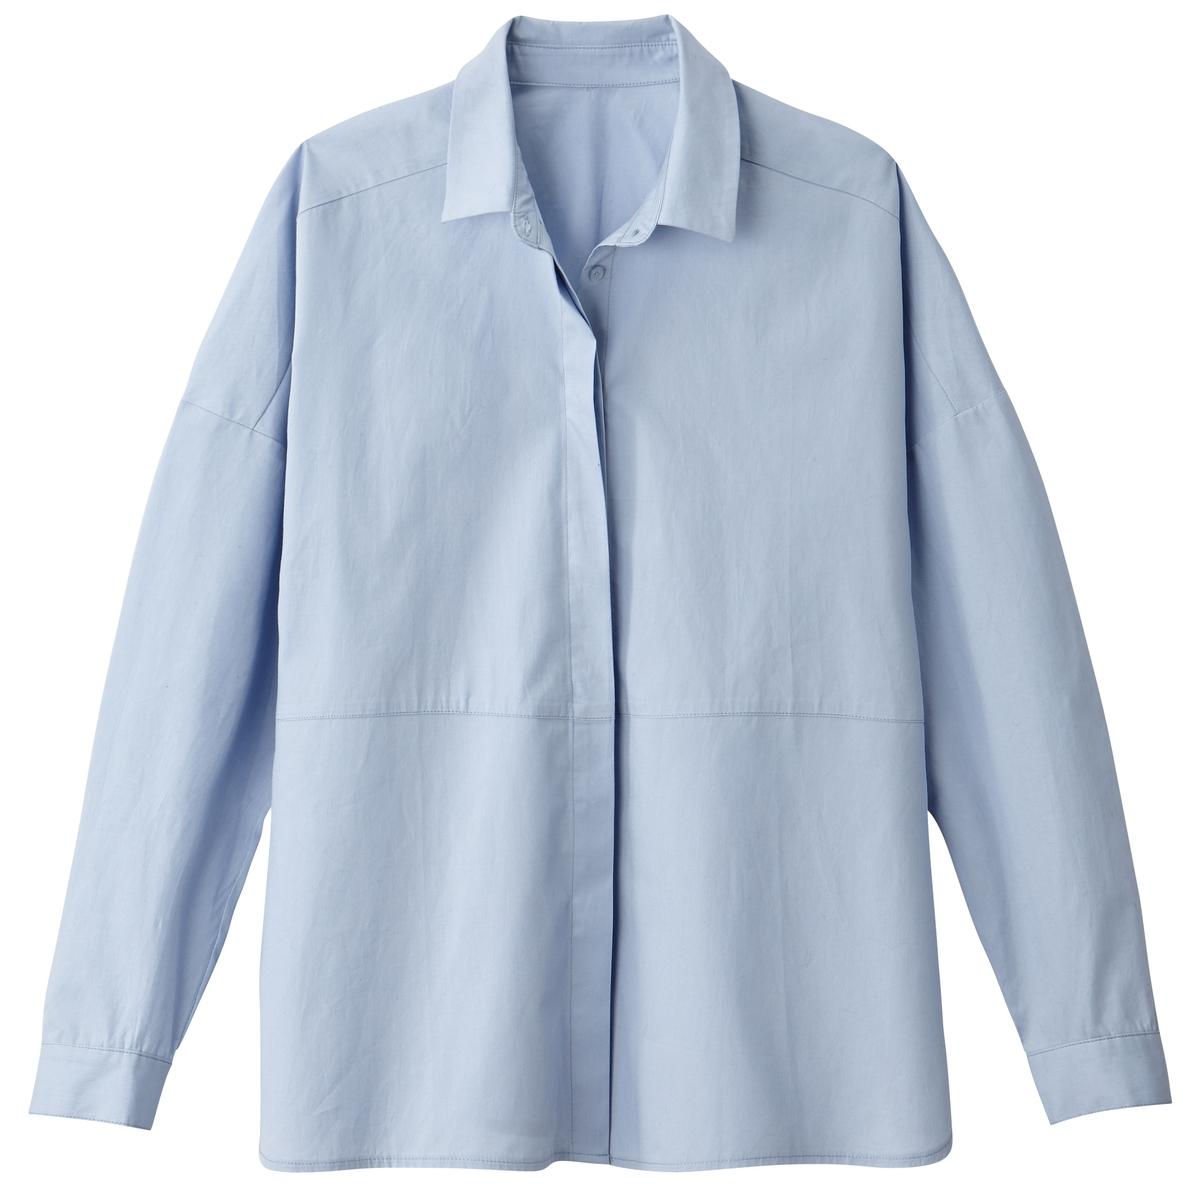 Рубашка из поплинаОписание •  Длинные рукава  •  Прямой покрой  •  Воротник-поло, рубашечный  •  Уголки воротника на пуговицах Состав и уход •  100% хлопок  •  Машинная стирка при 30 °С   •  Сухая чистка и отбеливание запрещены    •  Не использовать барабанную сушку   •  Низкая температура глажки<br><br>Цвет: белый,небесно-голубой<br>Размер: 36 (FR) - 42 (RUS).50 (FR) - 56 (RUS).46 (FR) - 52 (RUS).40 (FR) - 46 (RUS).38 (FR) - 44 (RUS).36 (FR) - 42 (RUS).42 (FR) - 48 (RUS).34 (FR) - 40 (RUS).42 (FR) - 48 (RUS).44 (FR) - 50 (RUS).38 (FR) - 44 (RUS).40 (FR) - 46 (RUS)